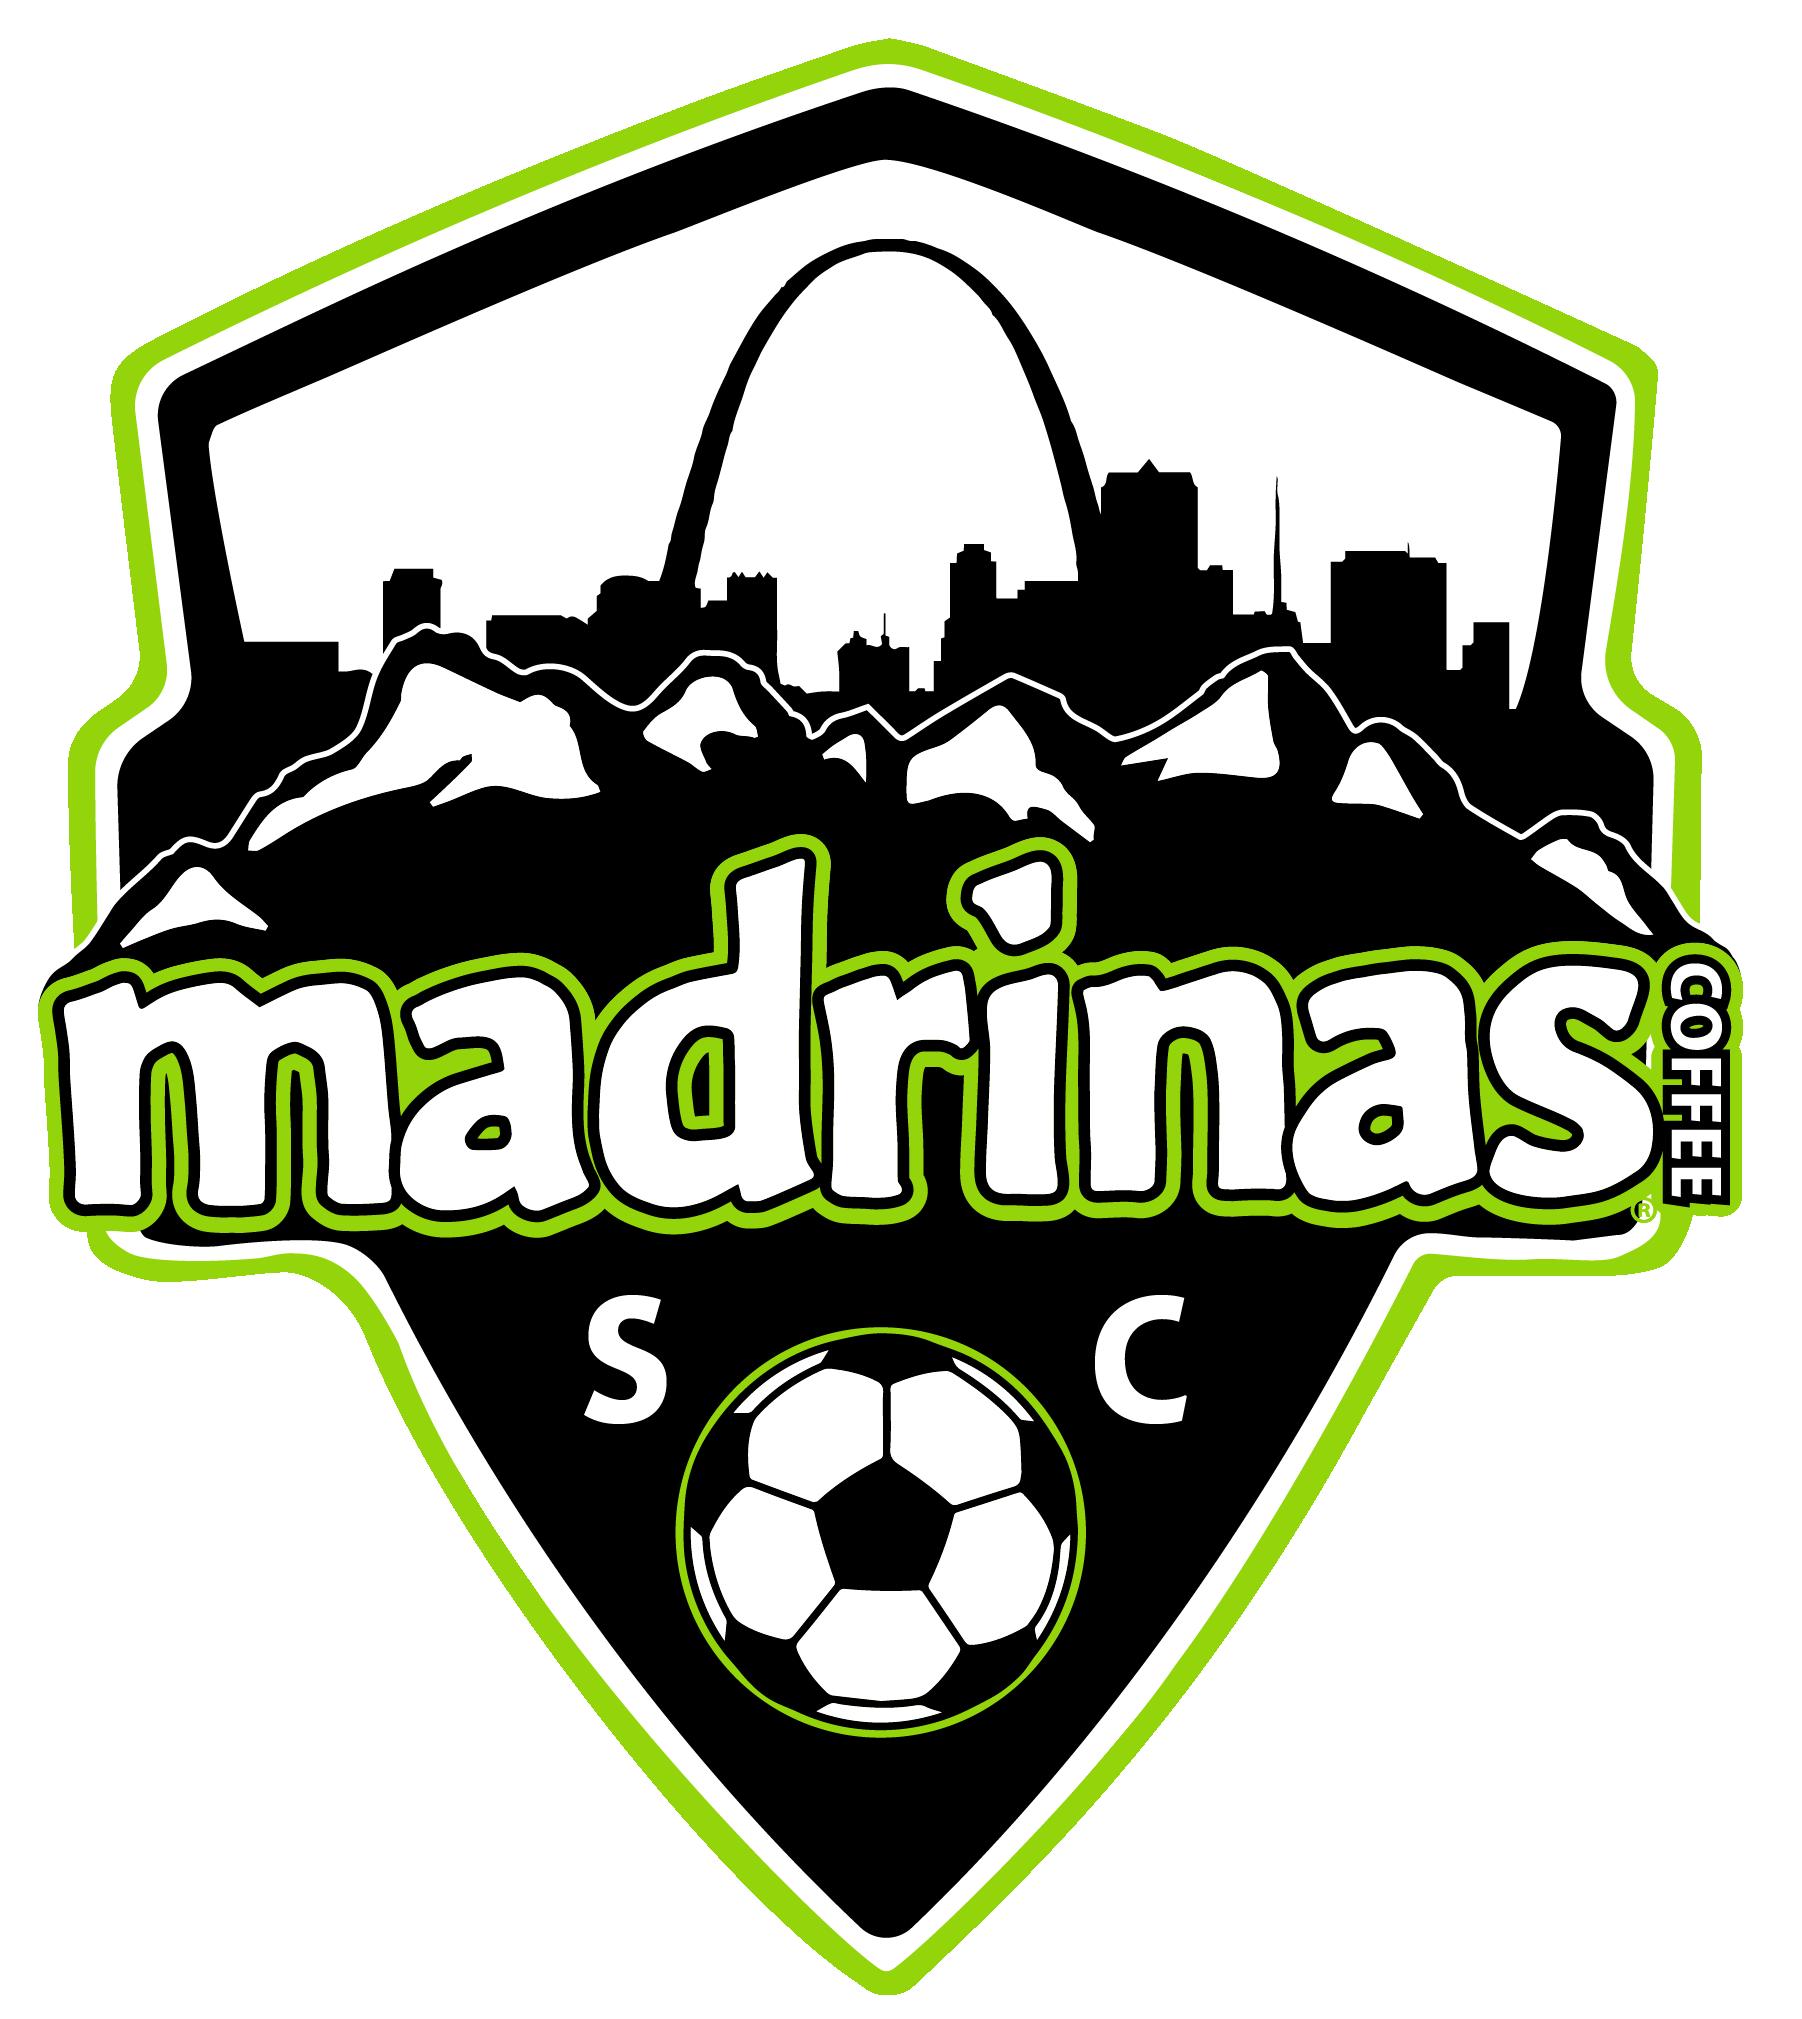 MADRINAS SC - EST. 2018